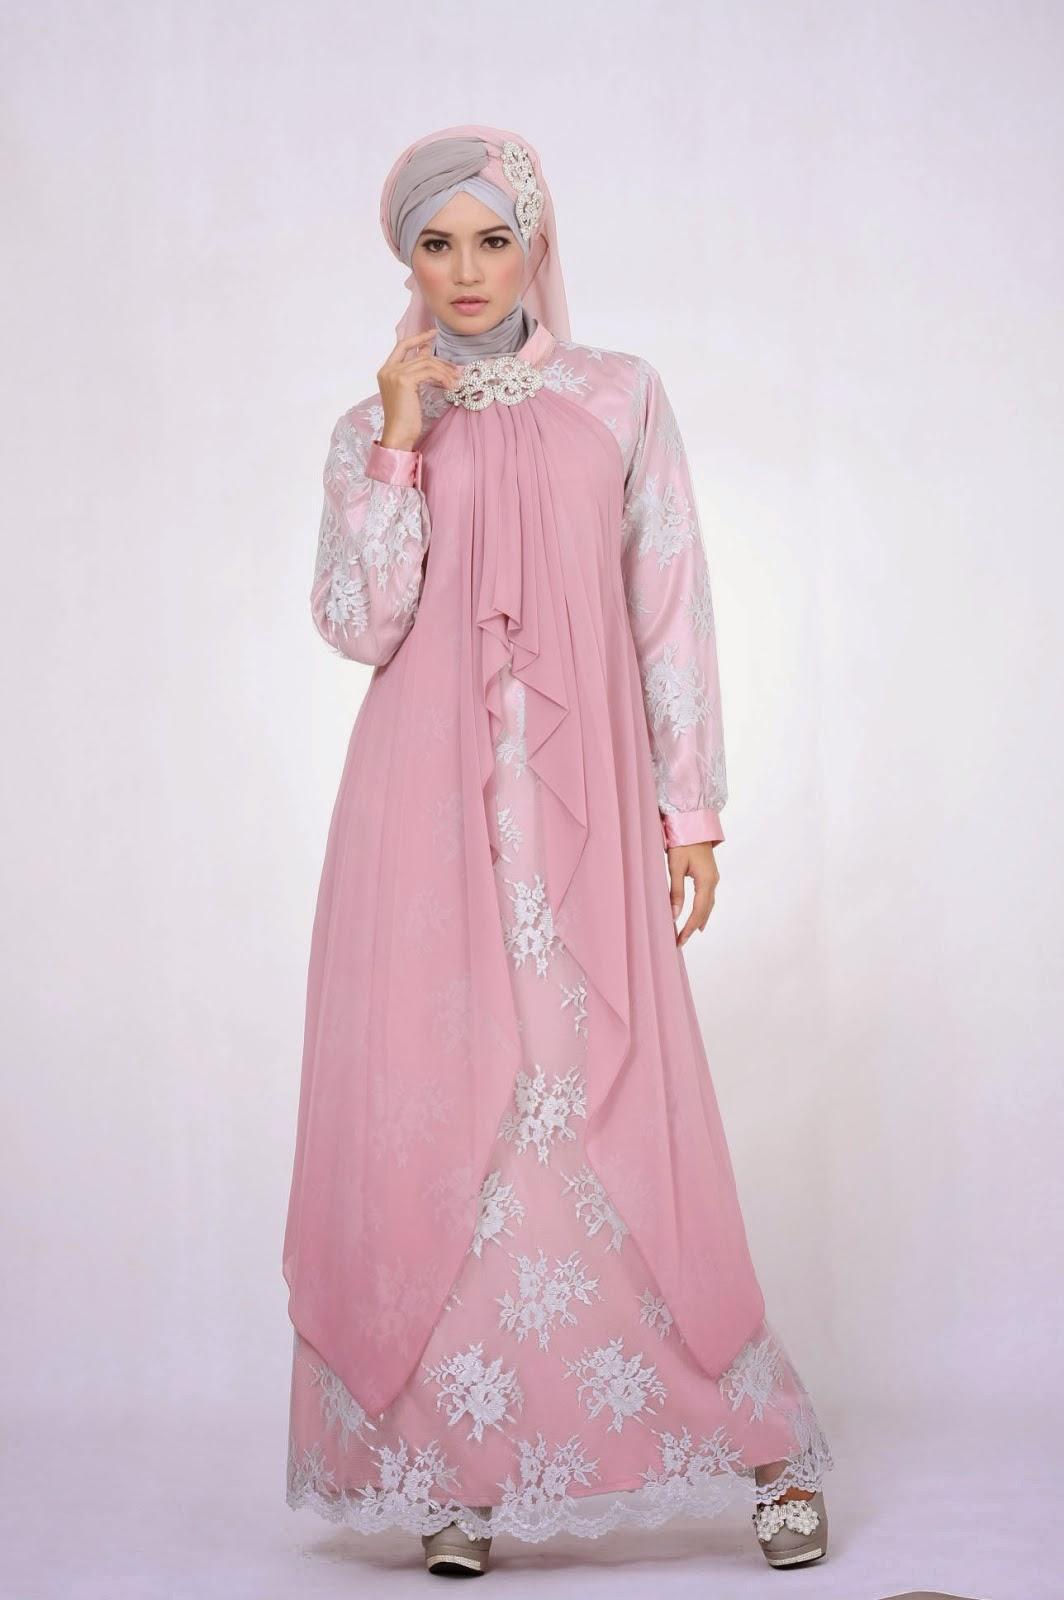 16 Contoh Desain Baju Gaun Muslim Wanita Terbaru 2015